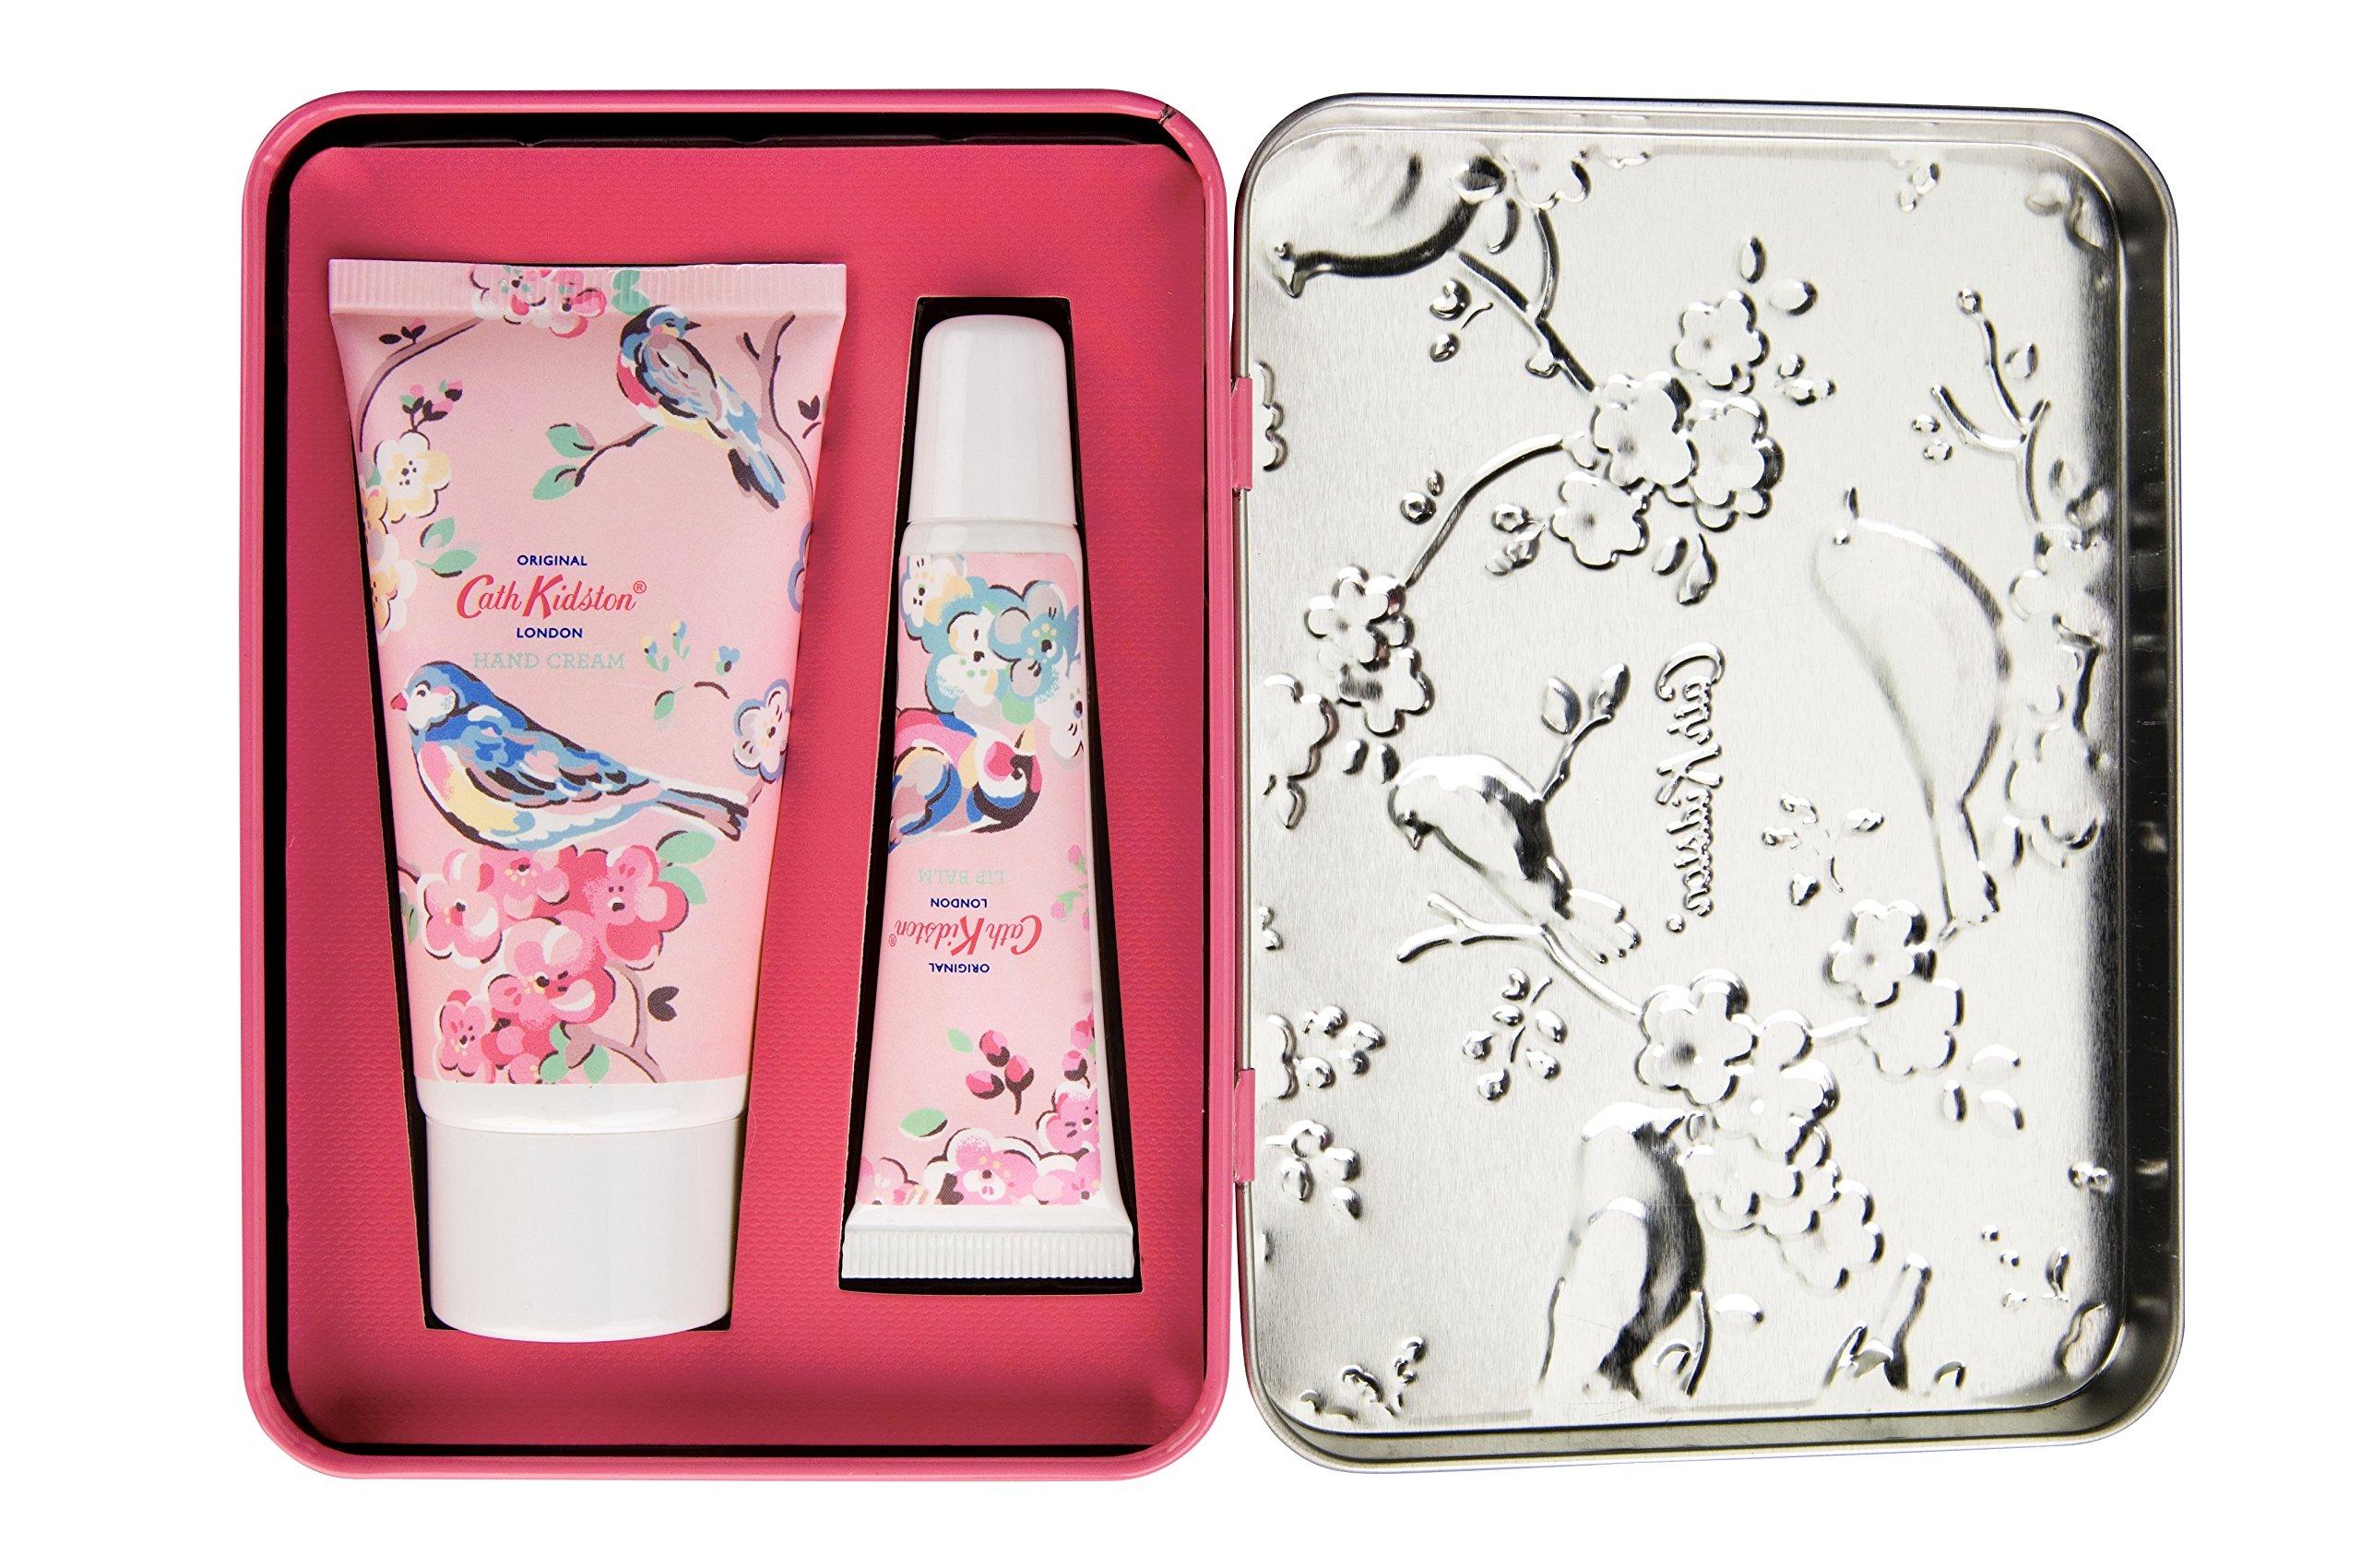 Cath Kidston – Juego de bálsamo labial y crema de manos, de trébol blanco y té Matcha, con diseño de aves y flores